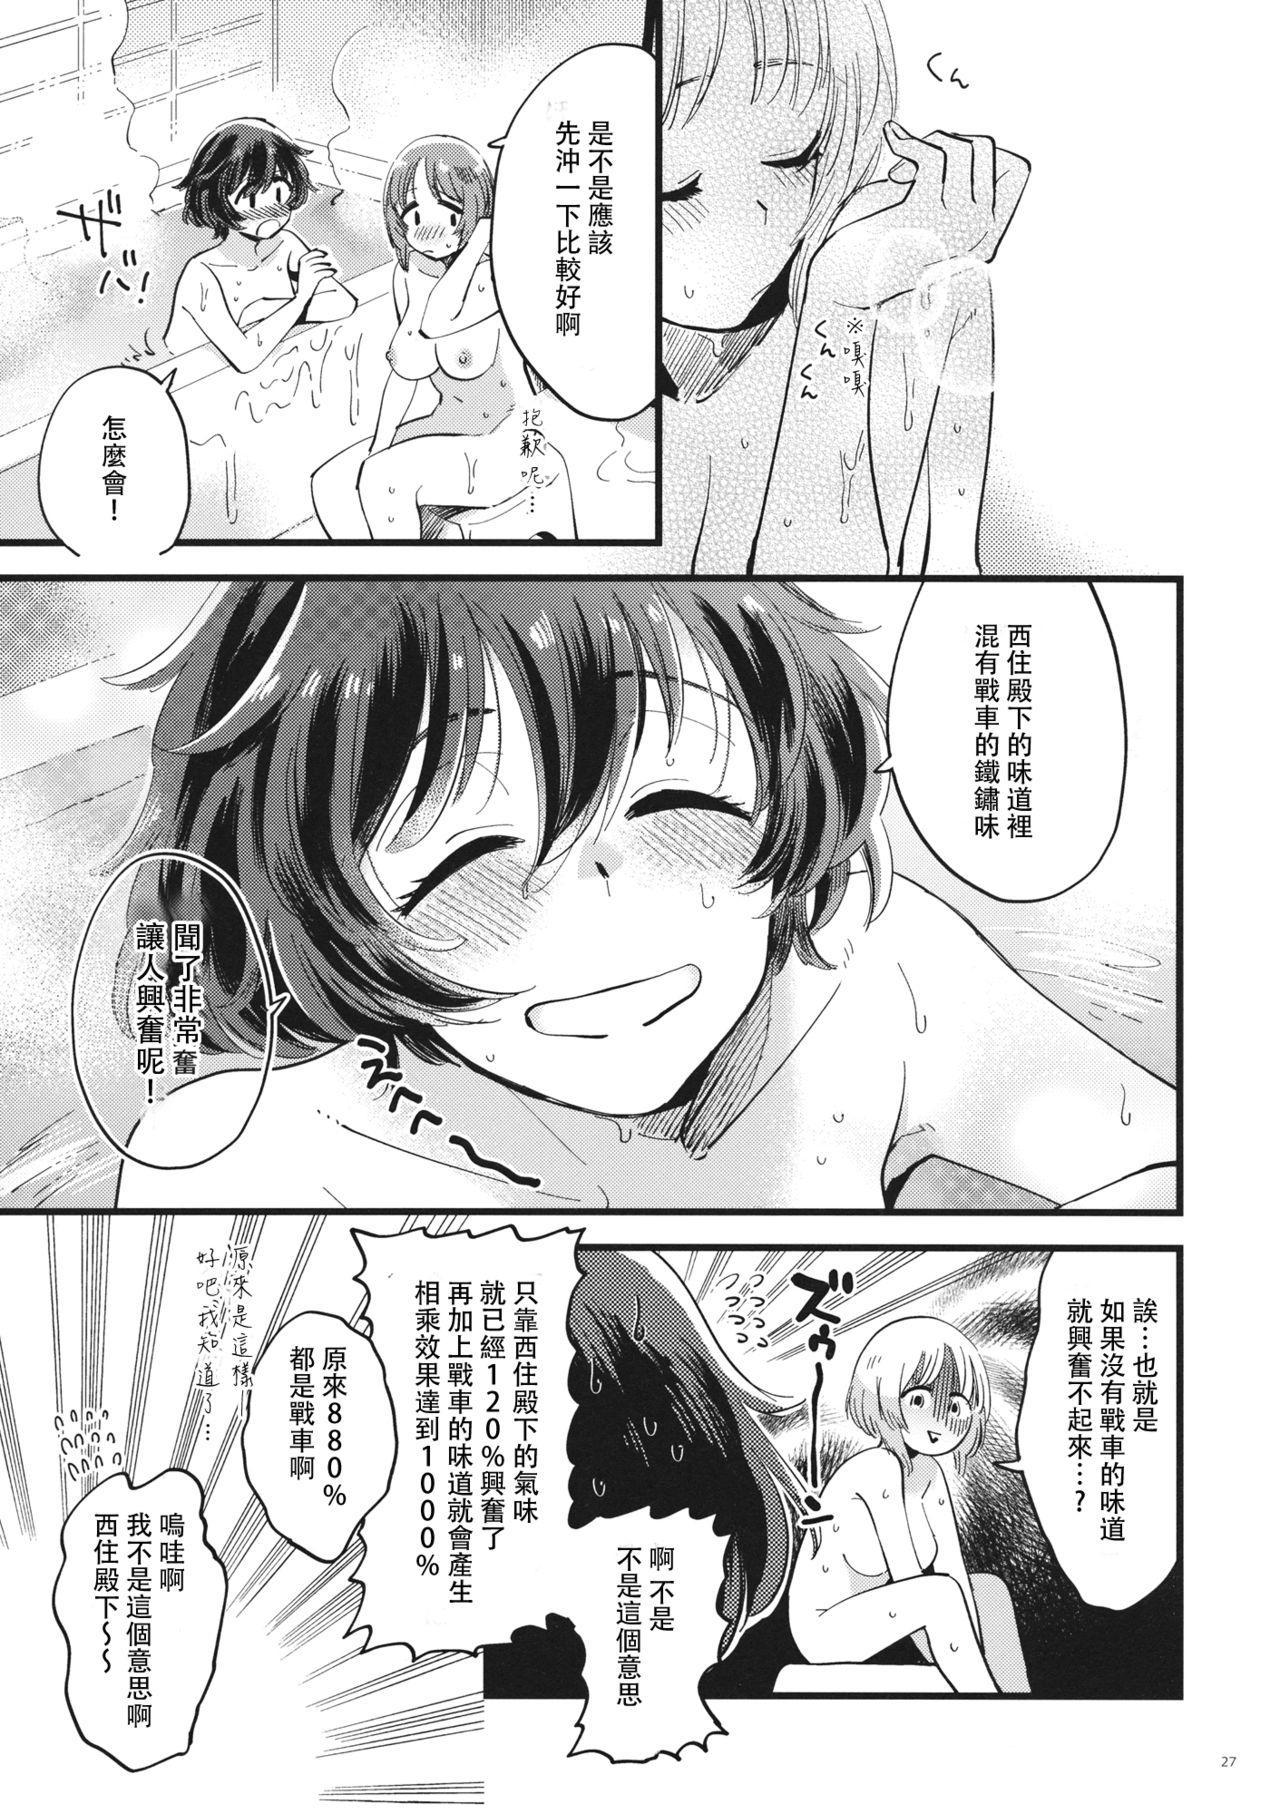 Yasashiku, Sawatte, Oku made Furete. 26